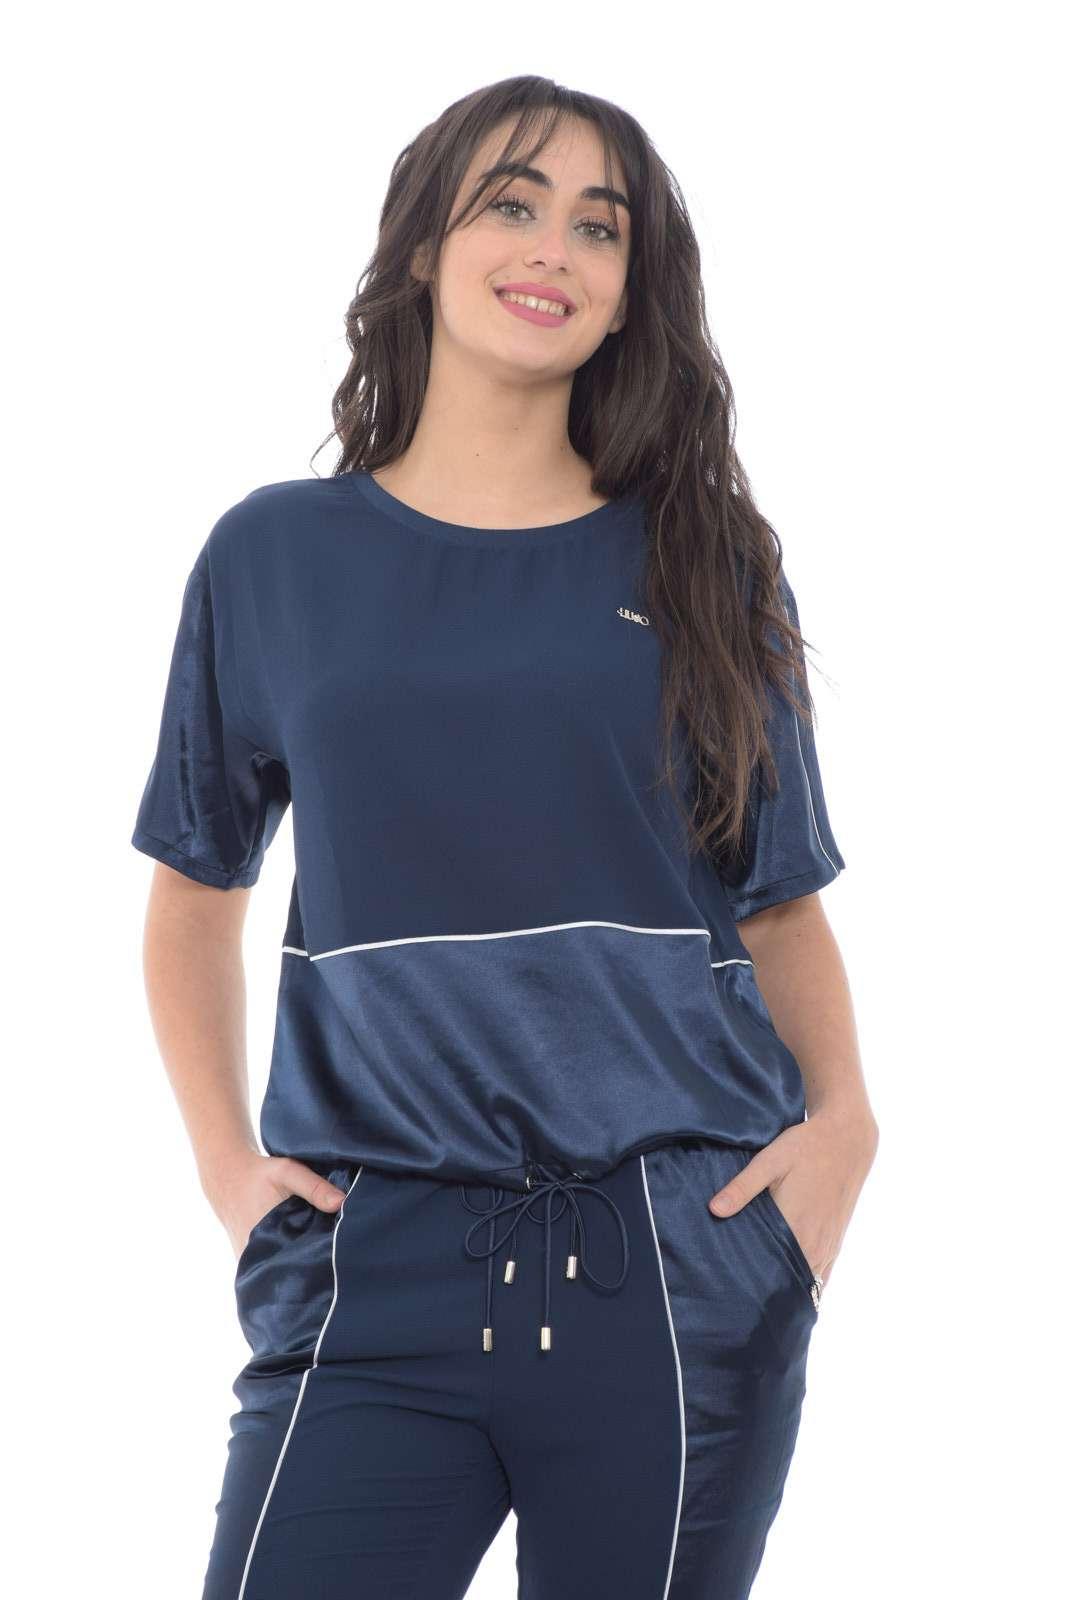 Una blusa dalla particolarità dei contrasti di tessuti per la collezione donna Liu Jo Sport. Caratterizzata da maniche corte e dalla coulisse sul fondo per regolare completa un look informale e glamour. Da abbinare con un jeans o con un pantalone sportivo è un capo comodo e versatile.